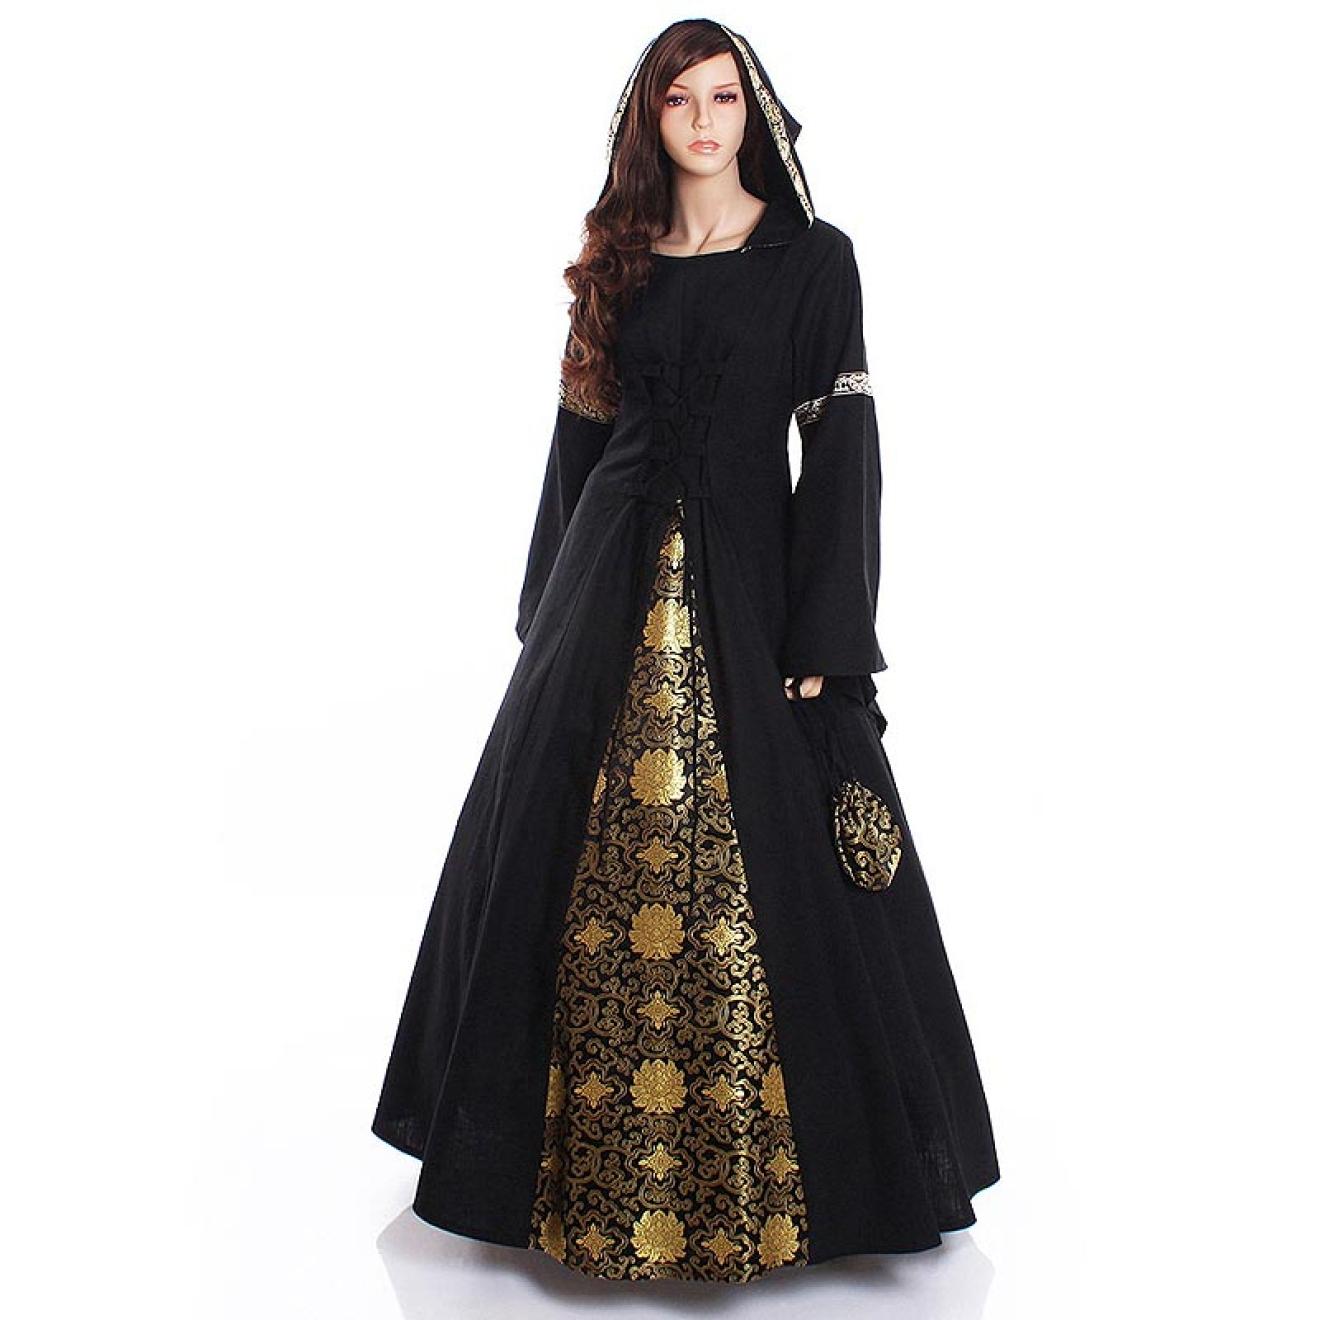 Mystisches Gothic-Kleid mit Kapuze